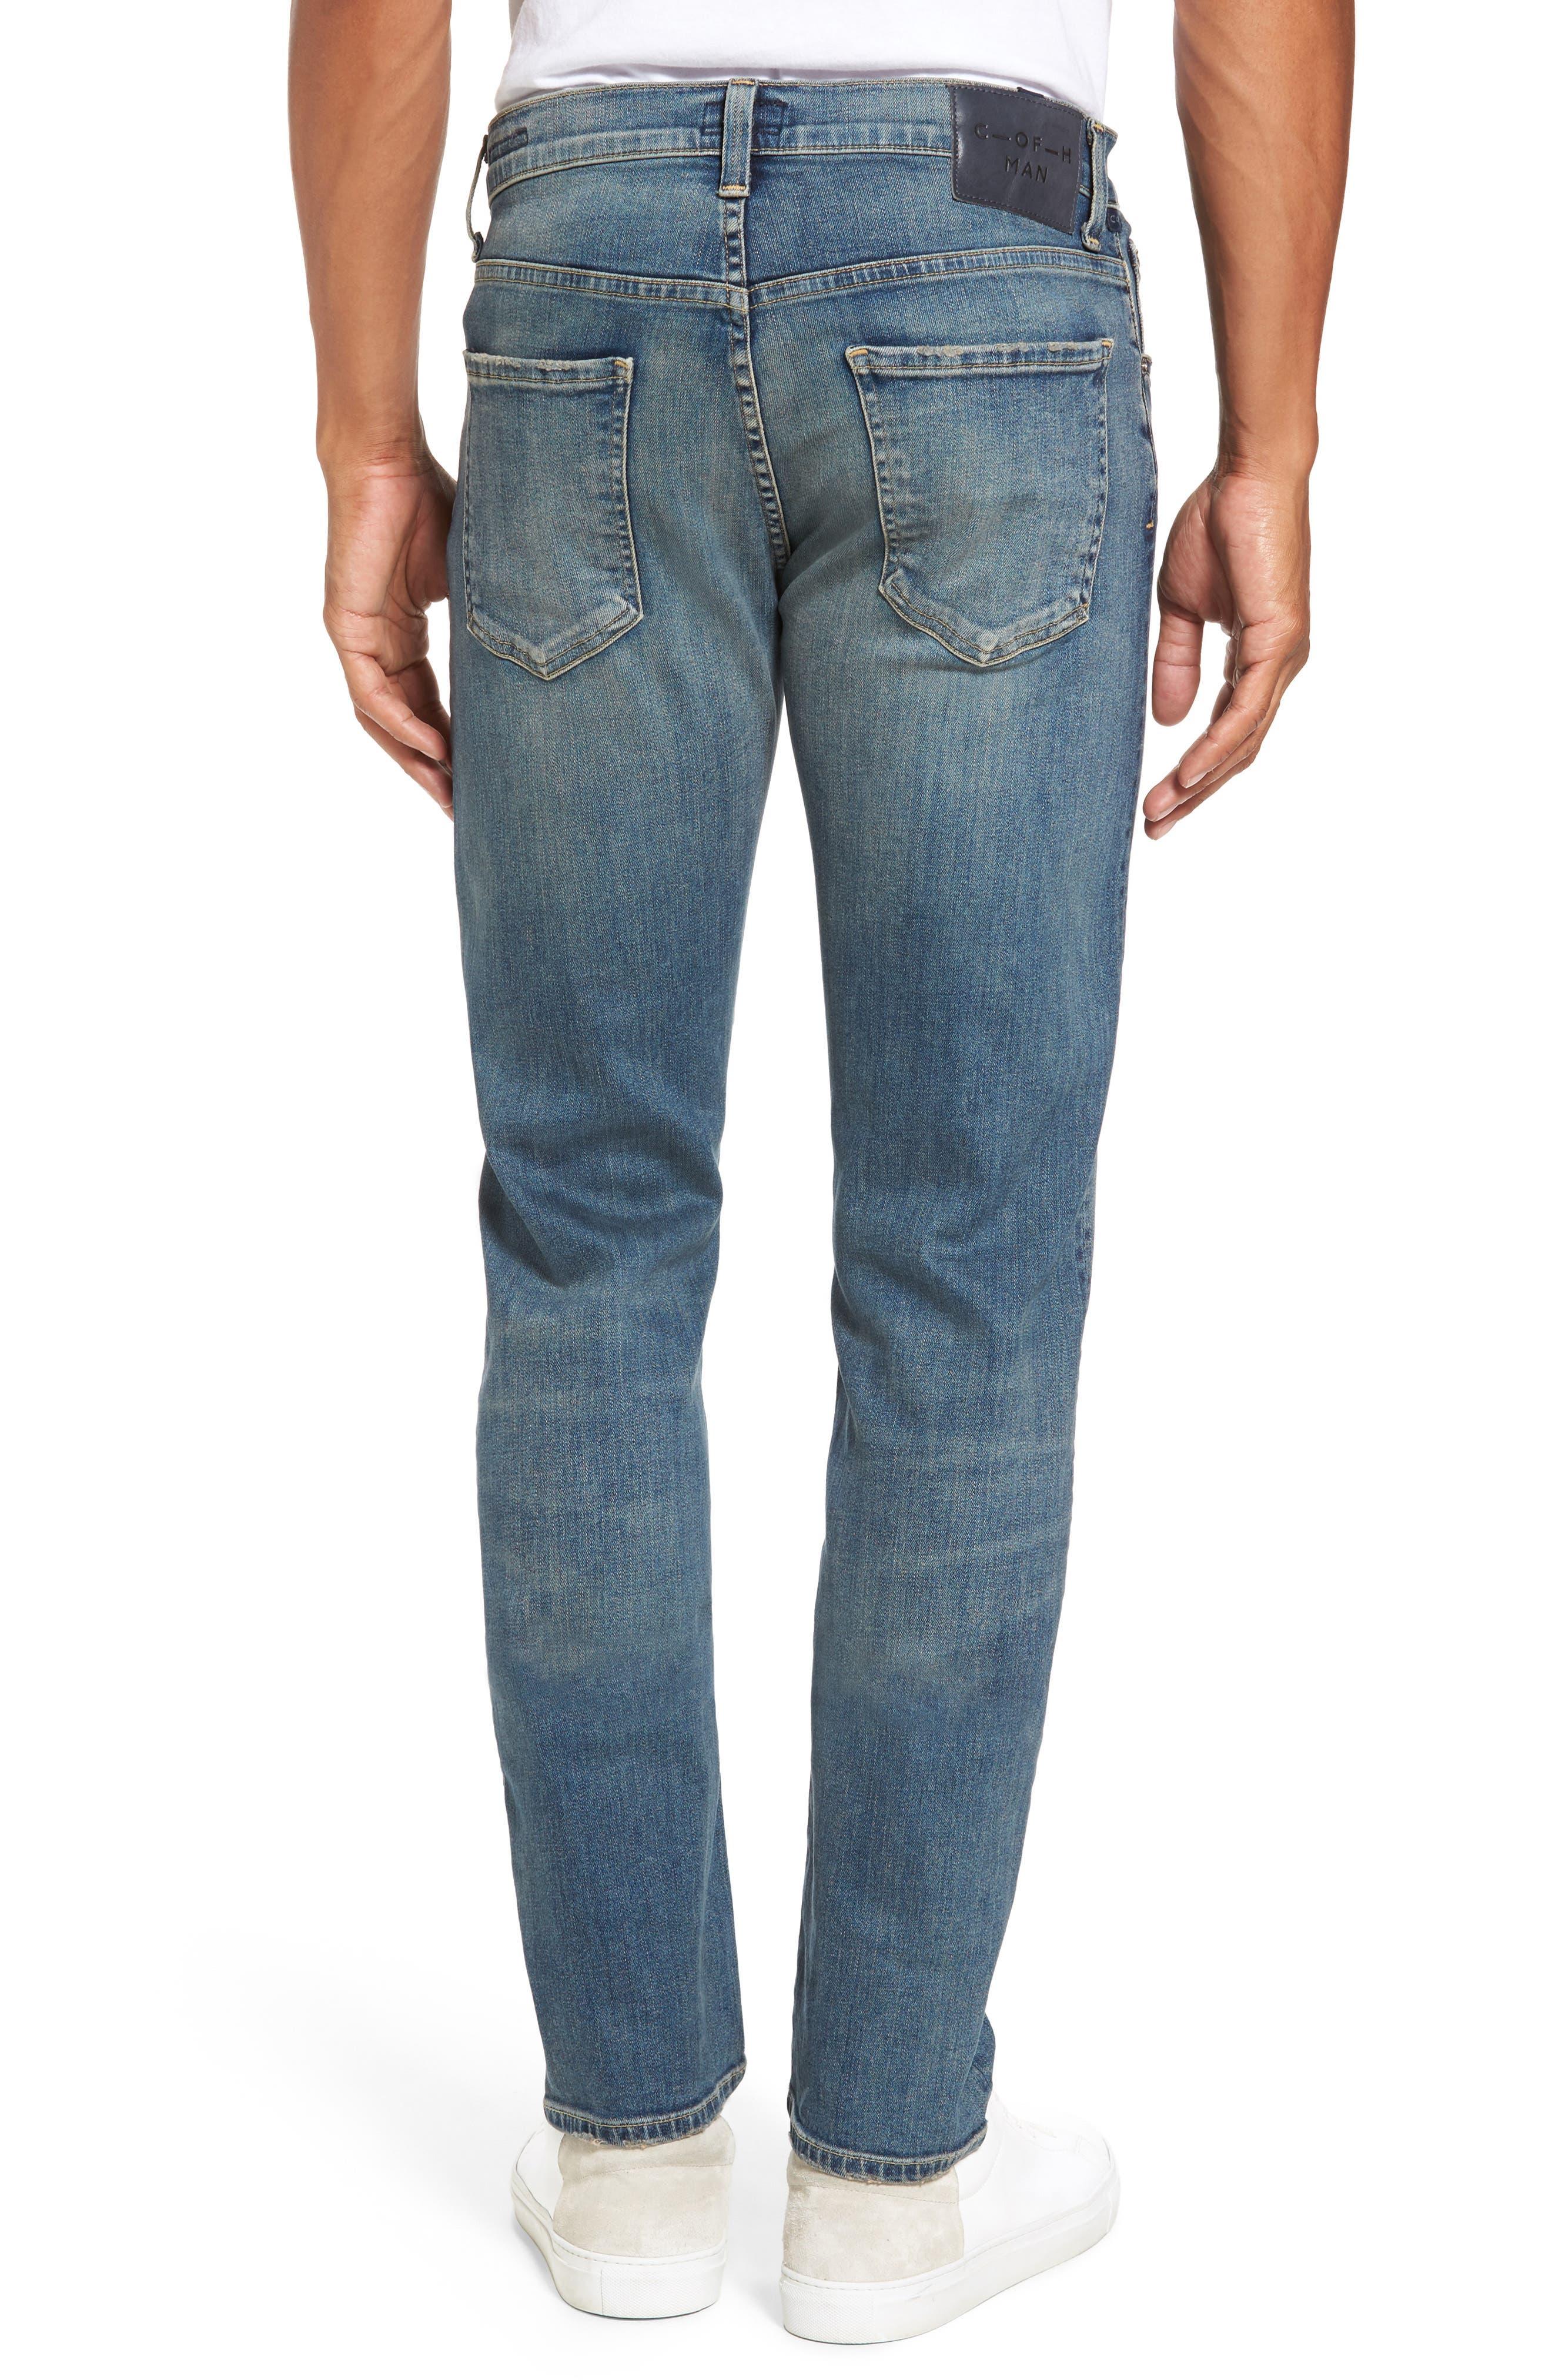 Core Slim Fit Jeans,                             Alternate thumbnail 2, color,                             Millais